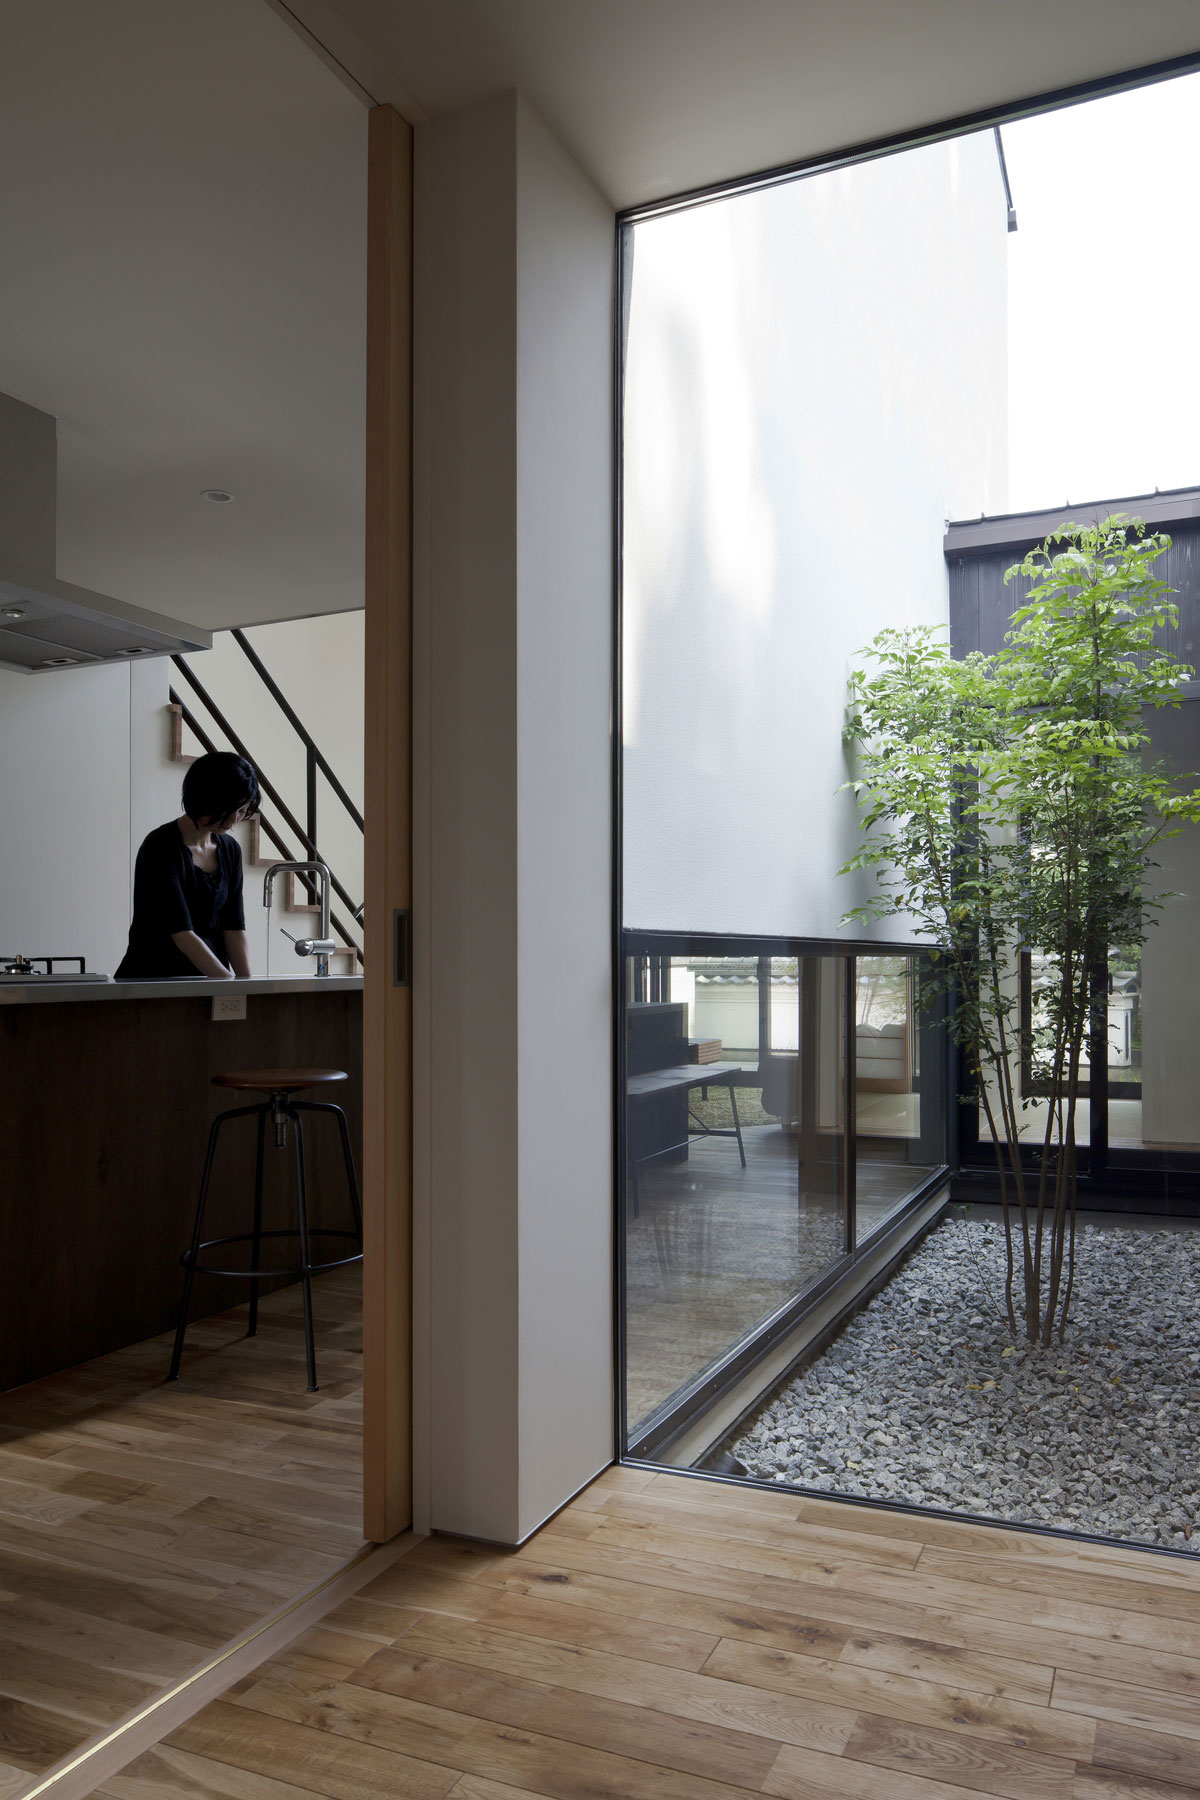 小さな中庭と大きな縁側の家|新築一戸建て住宅の施工事例|山本嘉寛建築設計事務所YYAA【大阪上本町・奈良】建築家・作品集